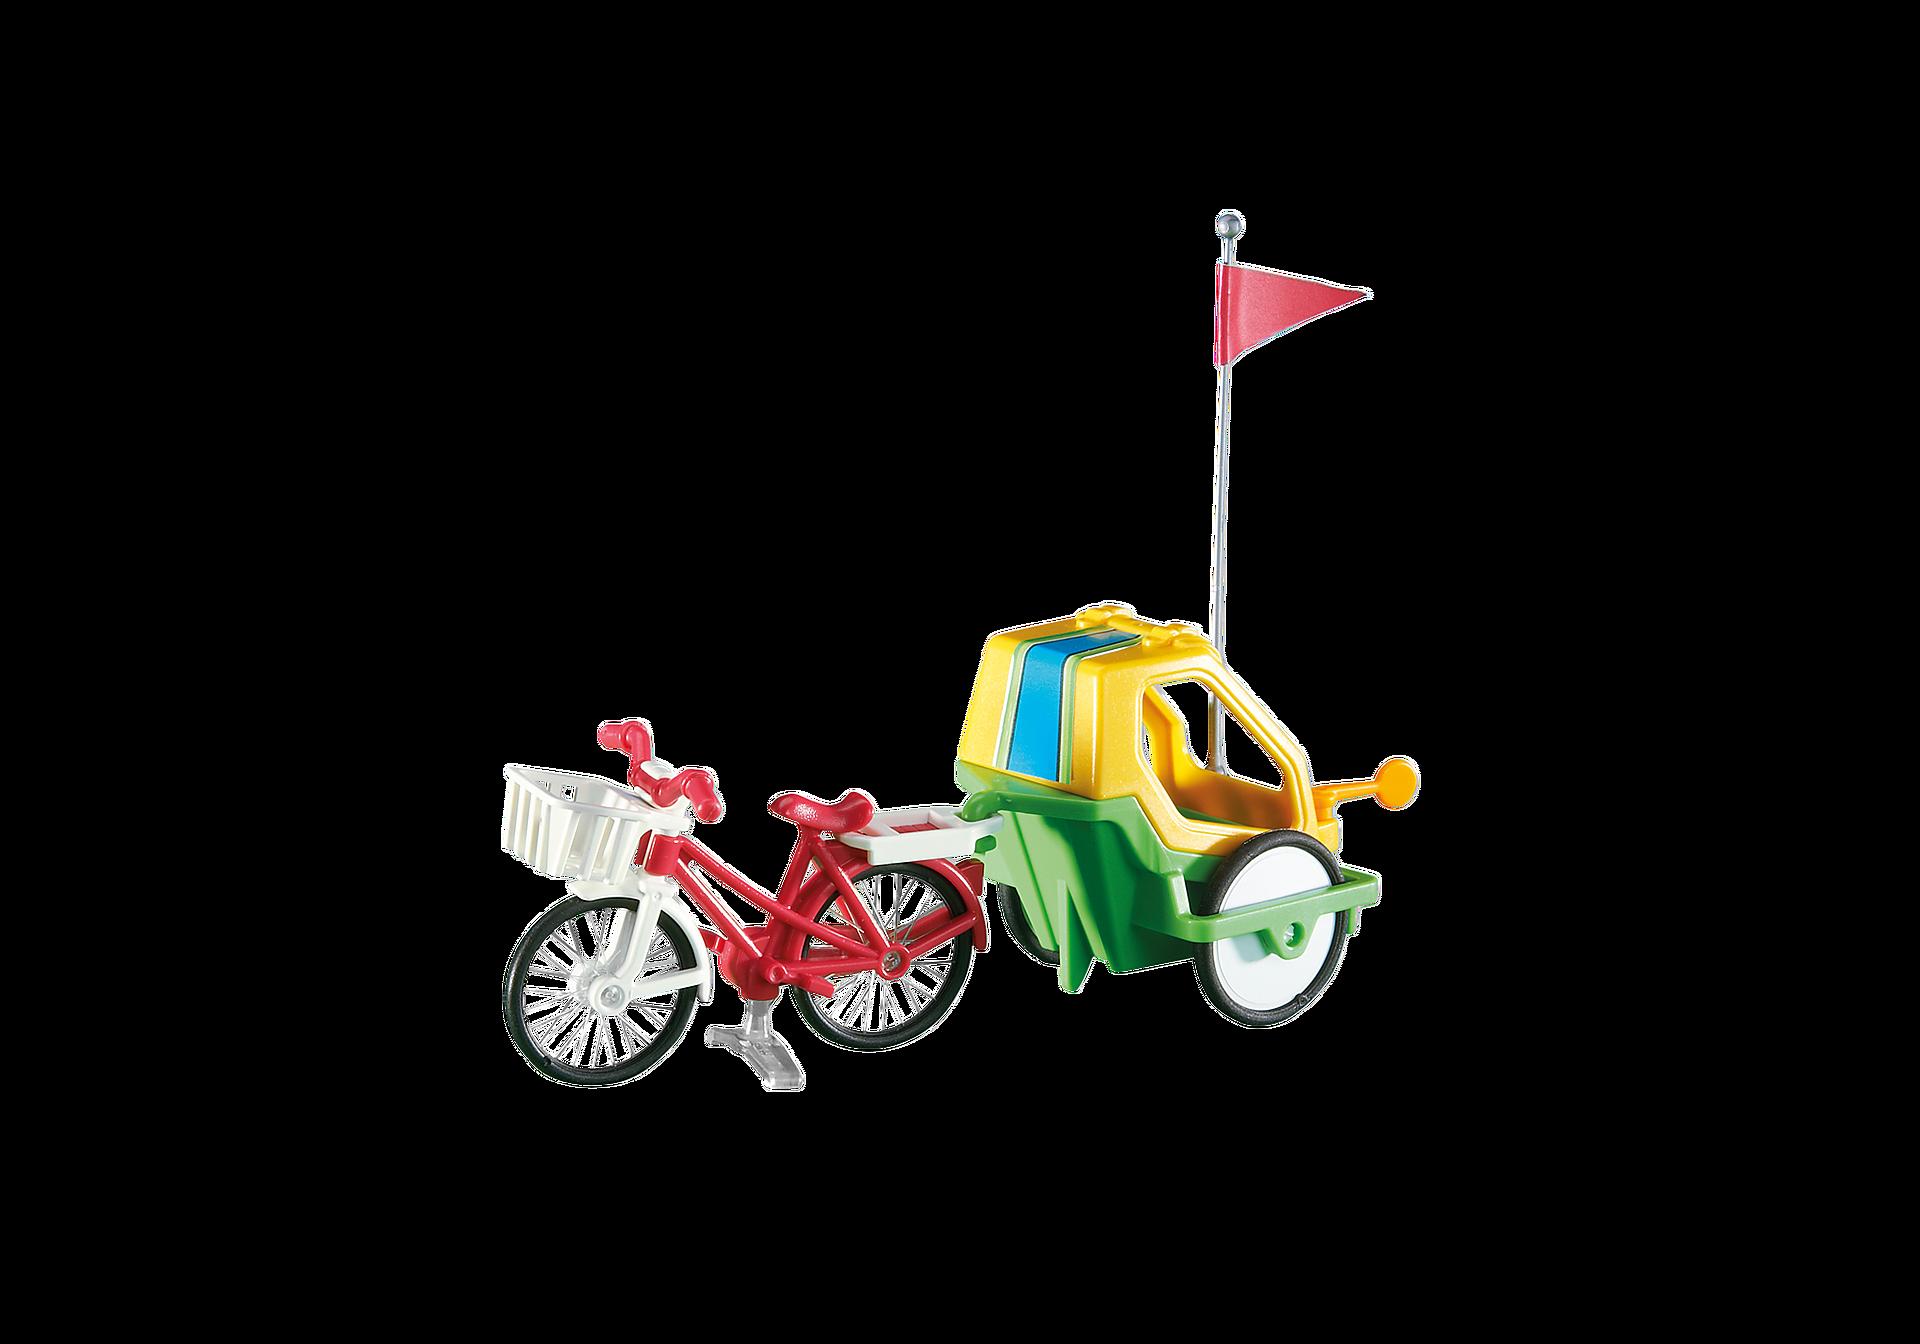 6388 Ποδήλατο με παιδικό καρότσι zoom image1